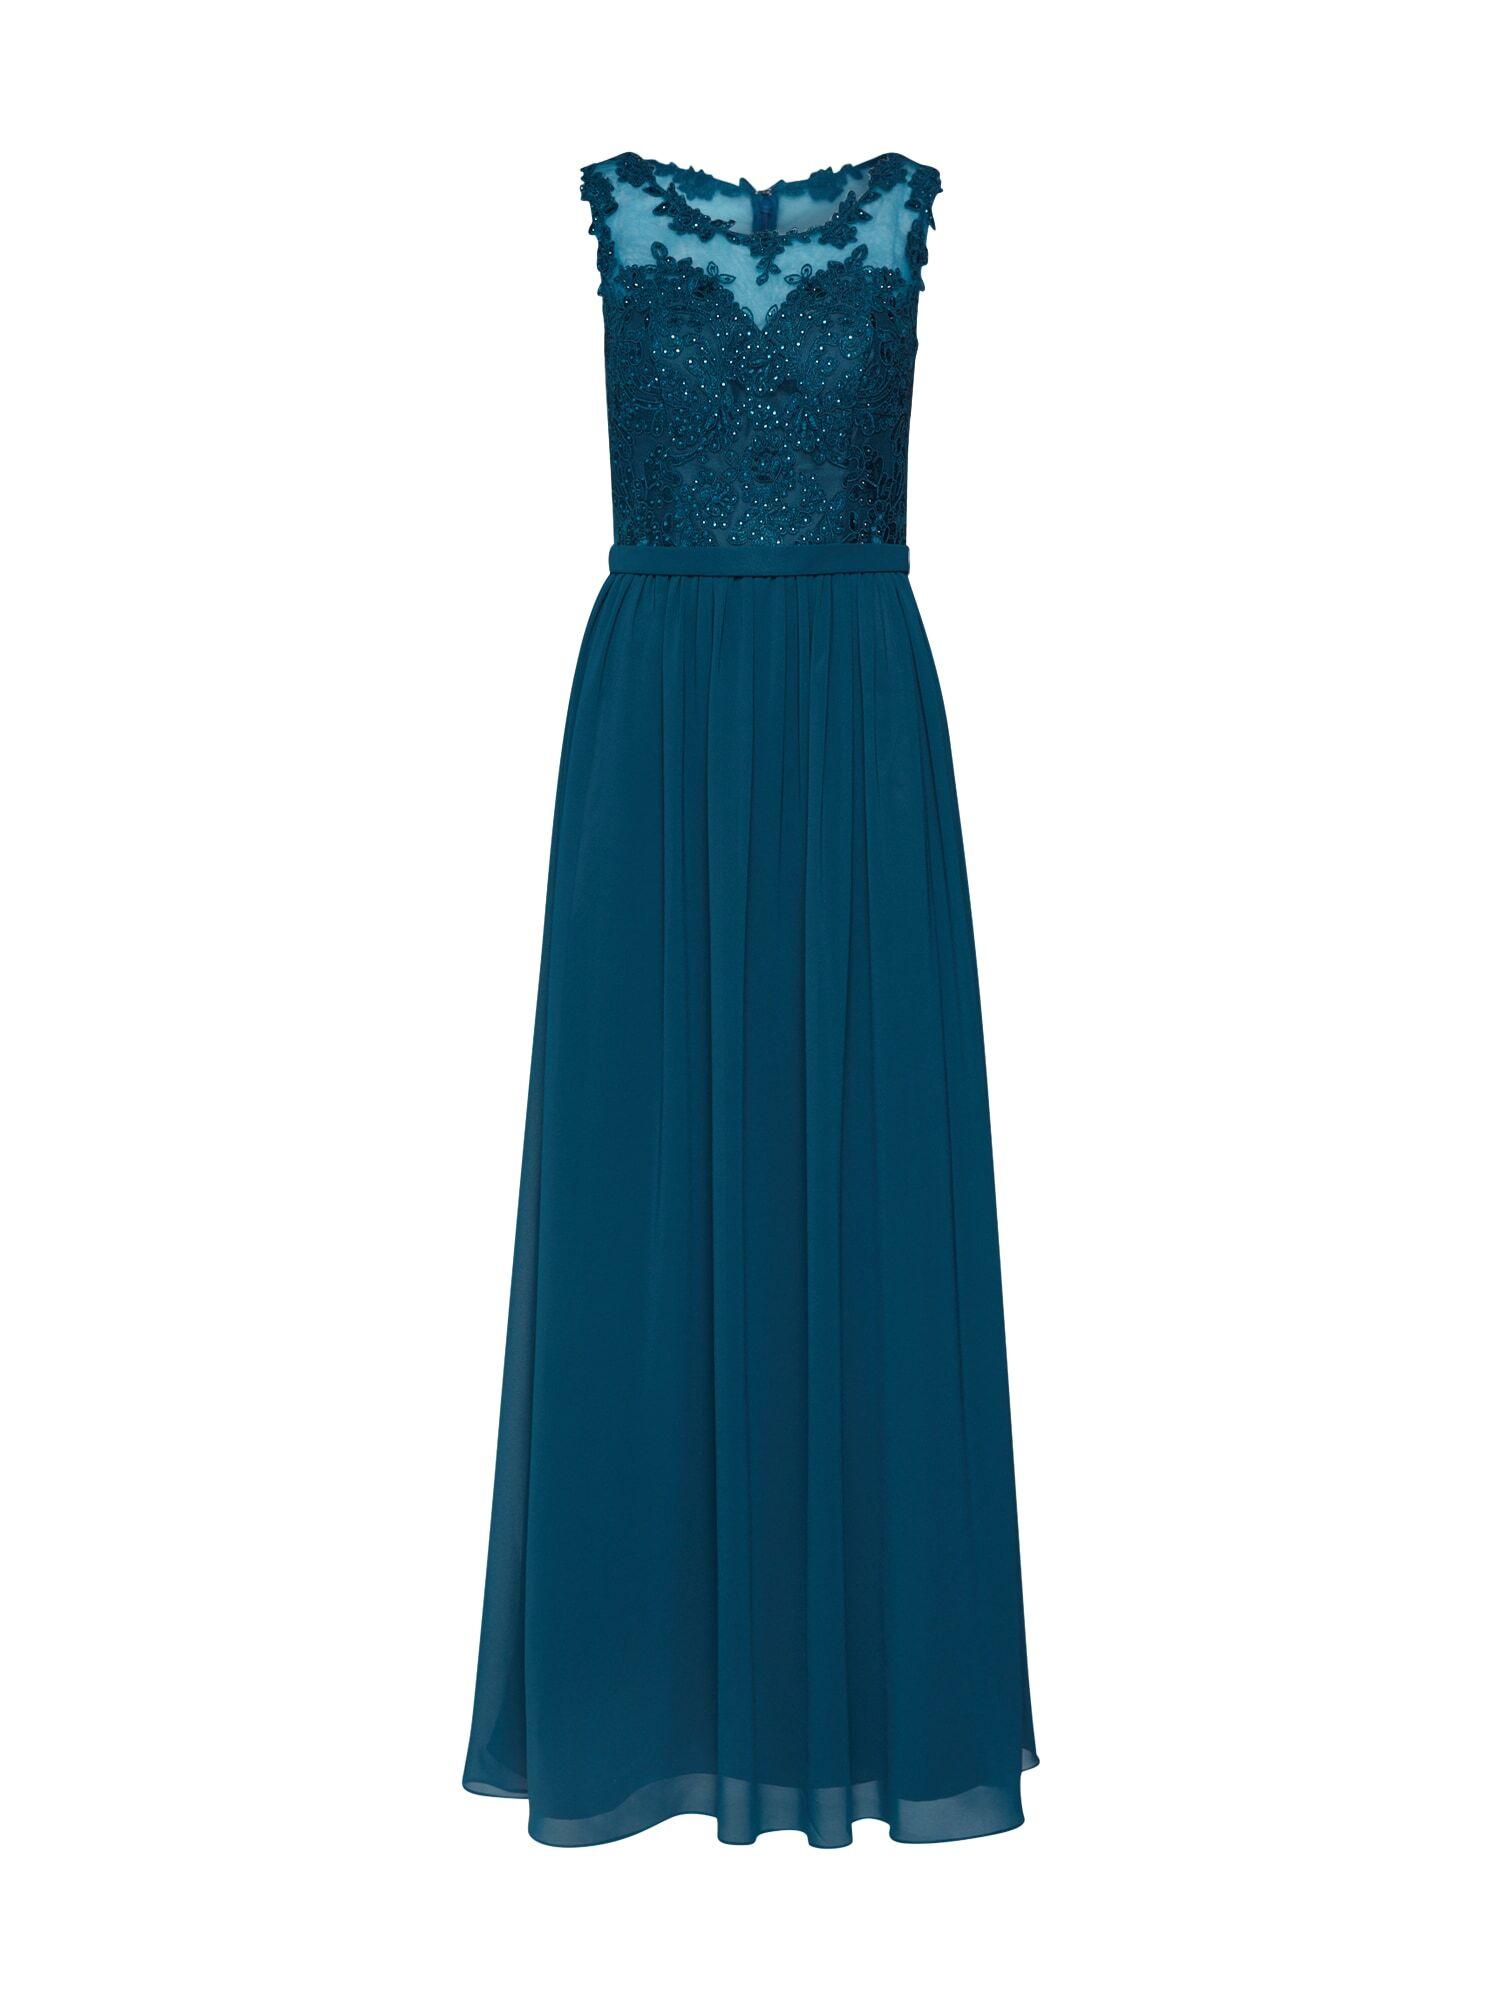 mascara Robe de soirée  - Bleu - Taille: 34 - female